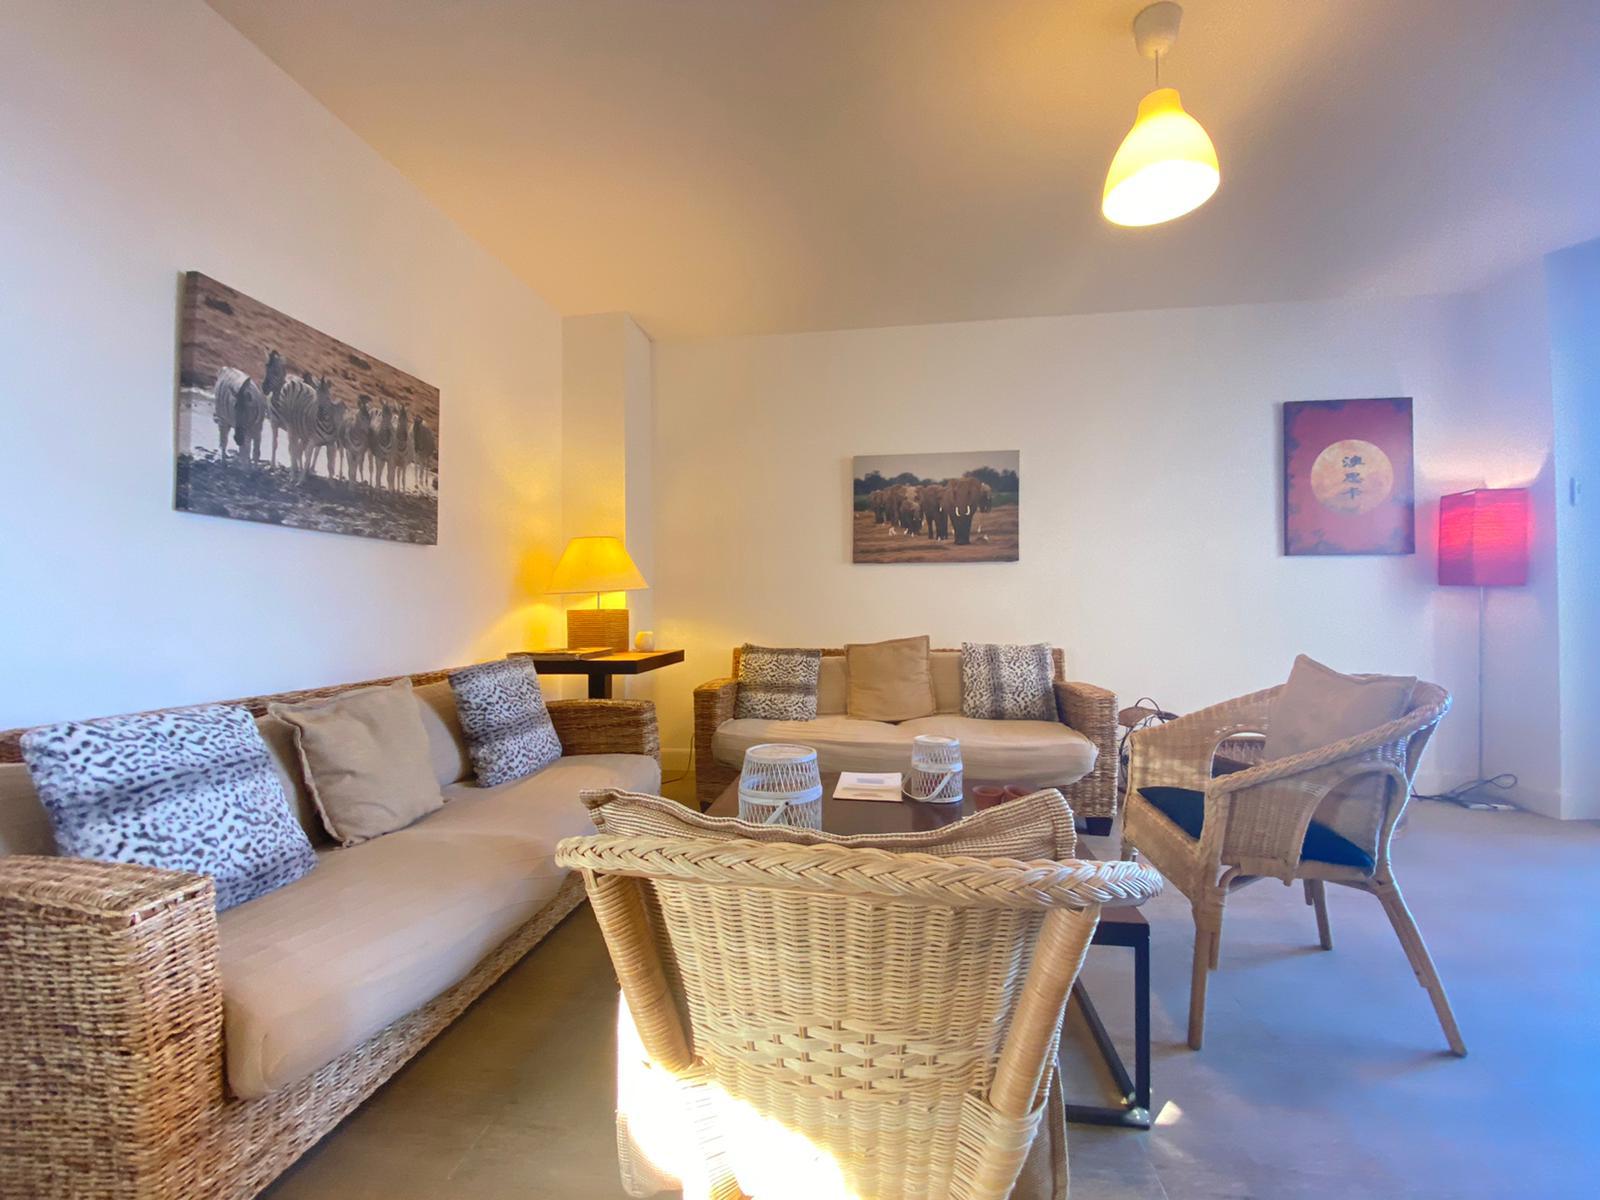 Imagen 4 del Apartamento Turístico, Ático 6 Levante (3d+2b), Punta del Moral (HUELVA), Paseo de la Cruz nº22